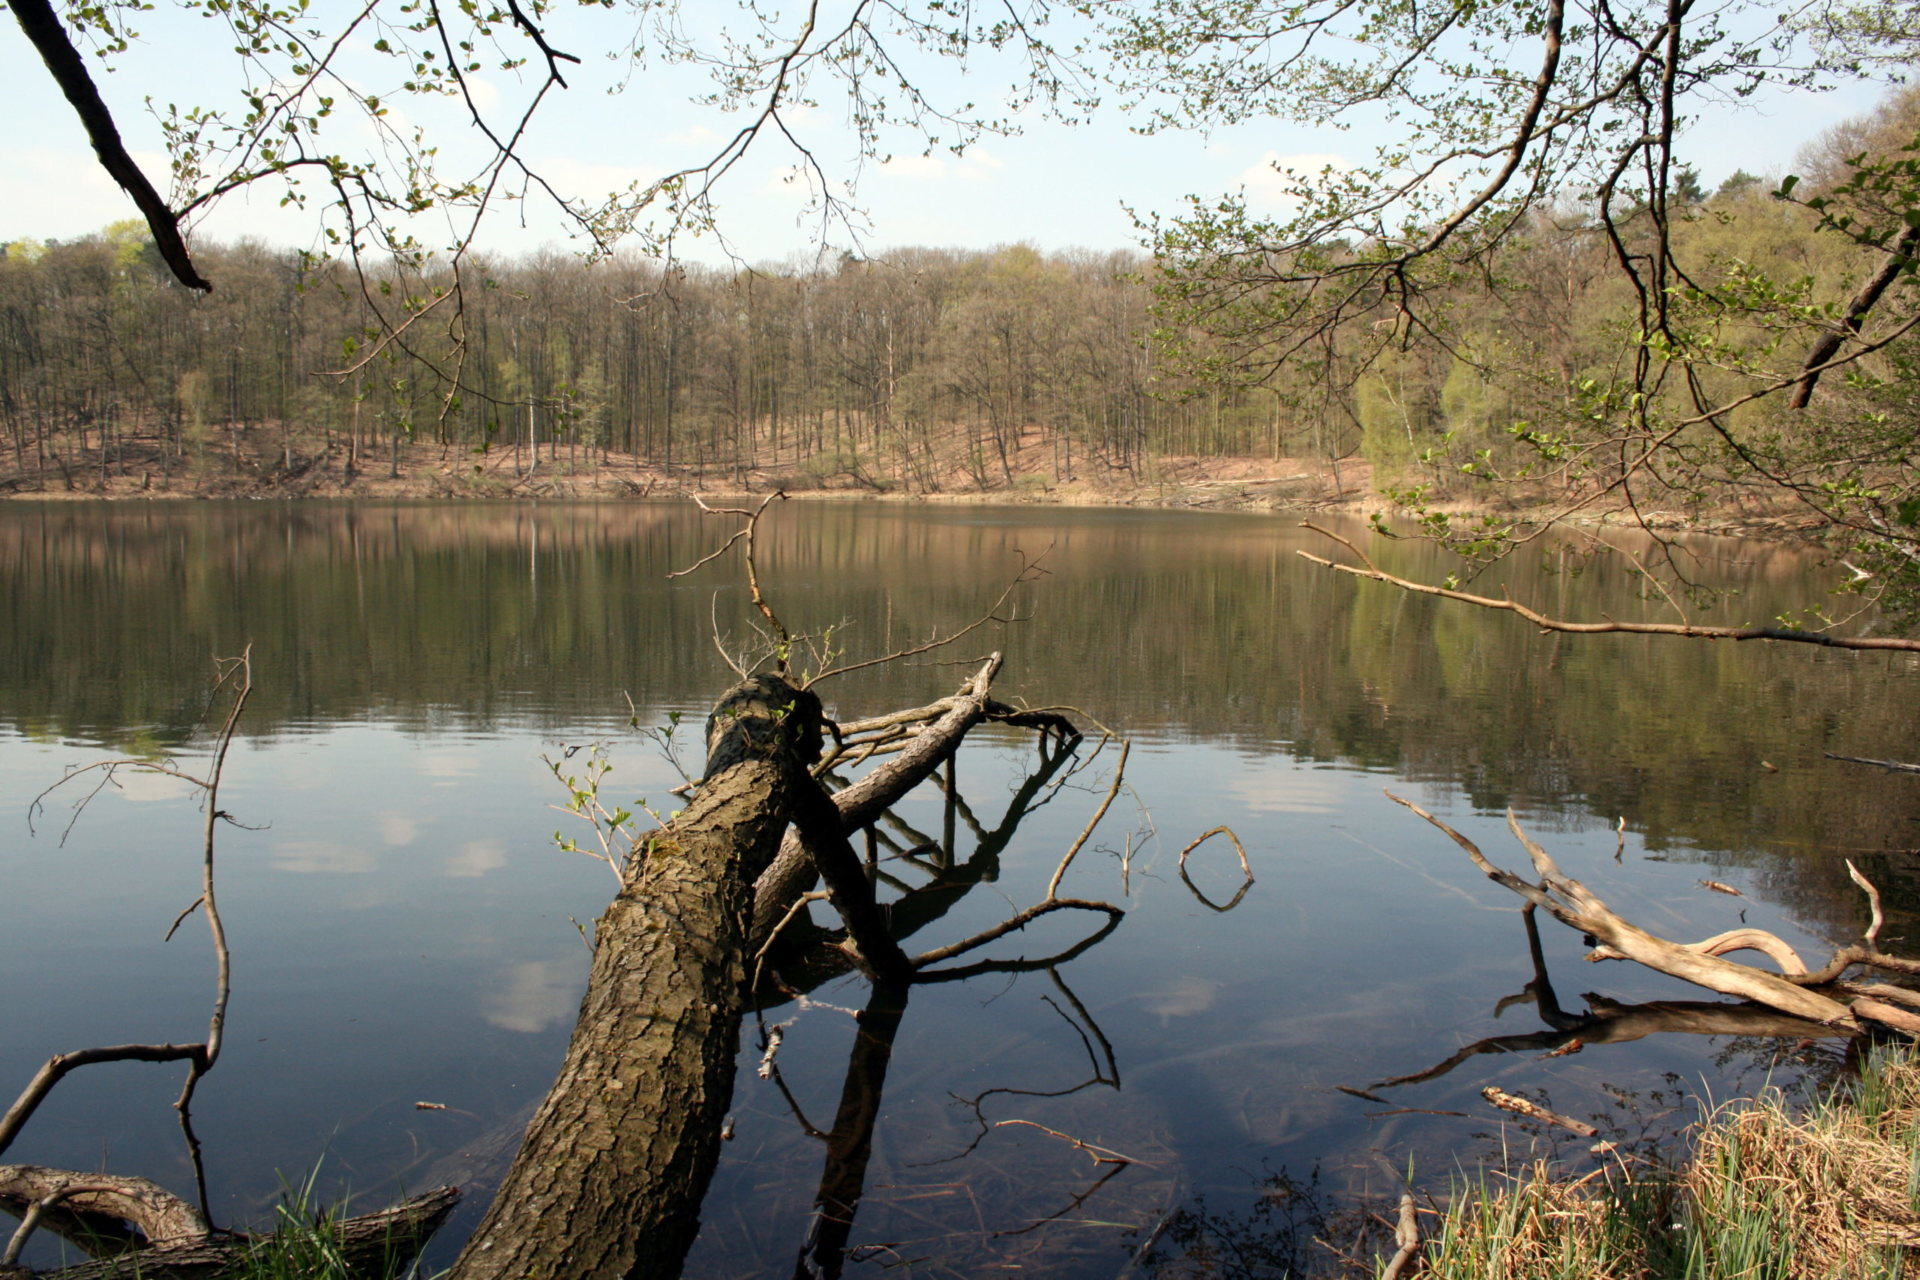 Jeziora w zagłębieniach bezodpływowych na terenach ostatniego zlodowacenia często mają okrągły zarys. Jezioro Kociołek w Wielkopolskim Parku Narodowym.